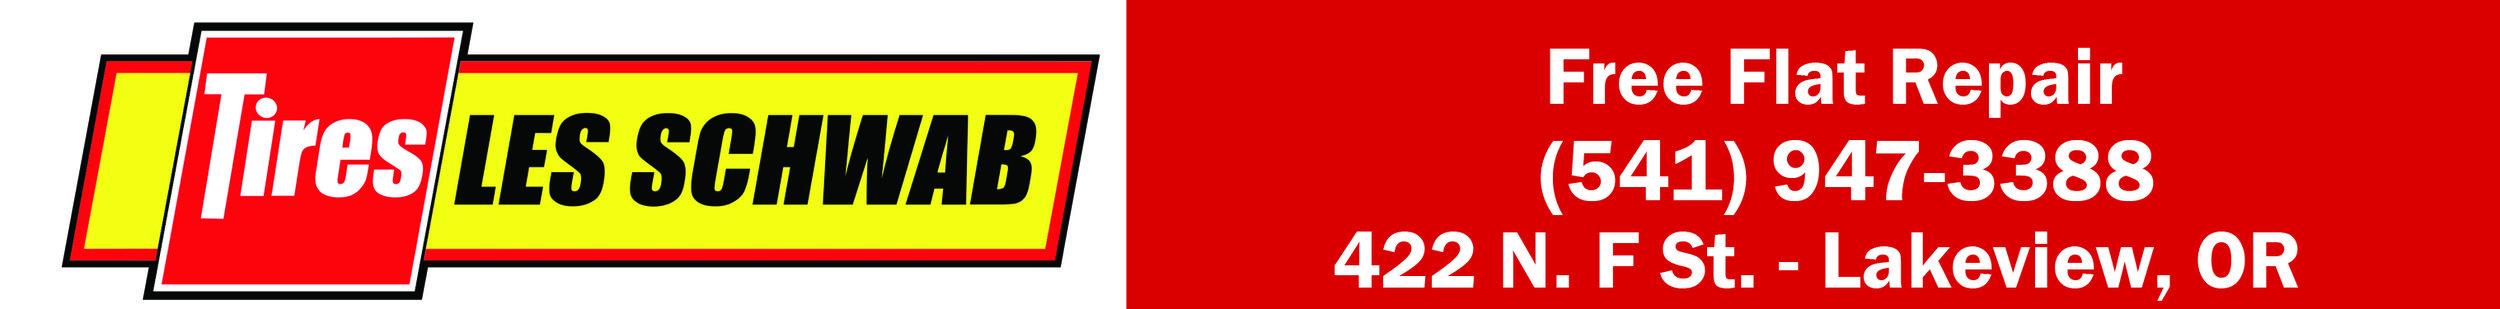 Les Schwab Directory Cover.jpg